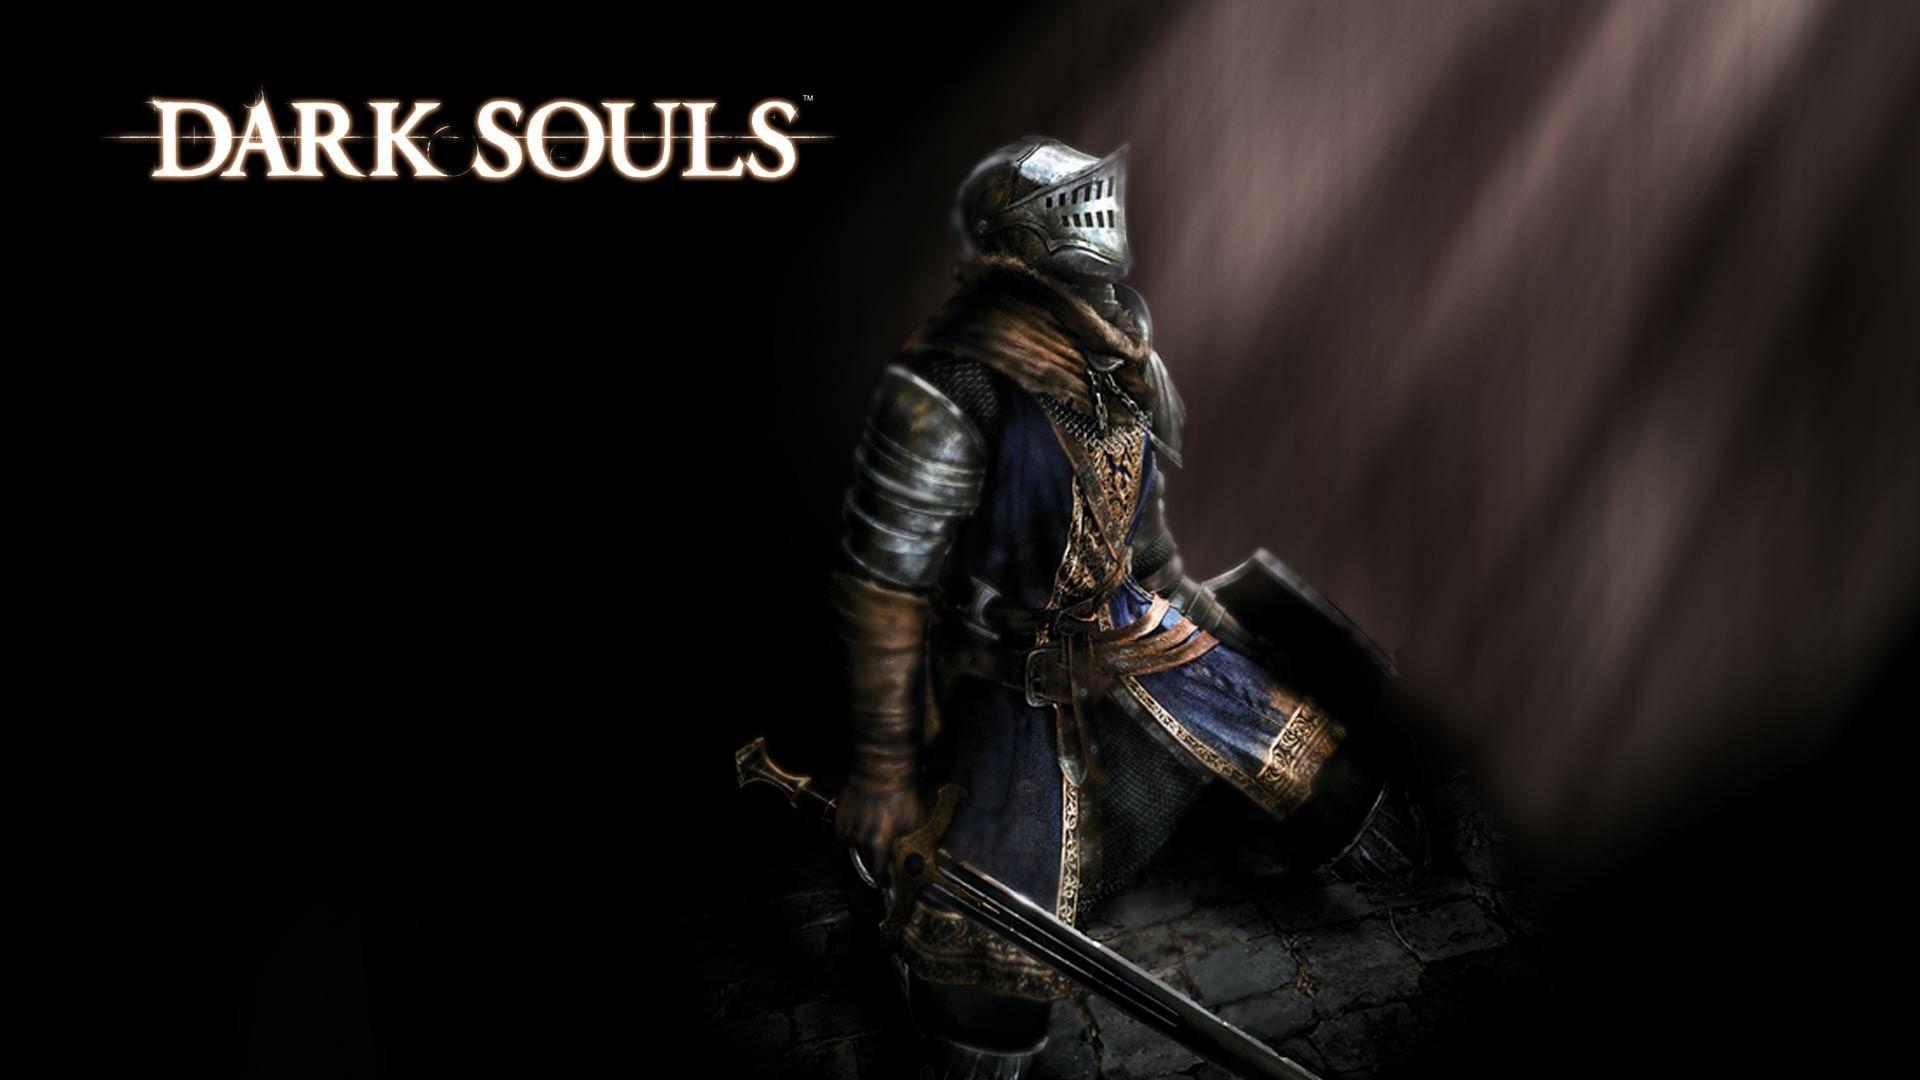 Wallpaper dark souls, knight, sword, light, look